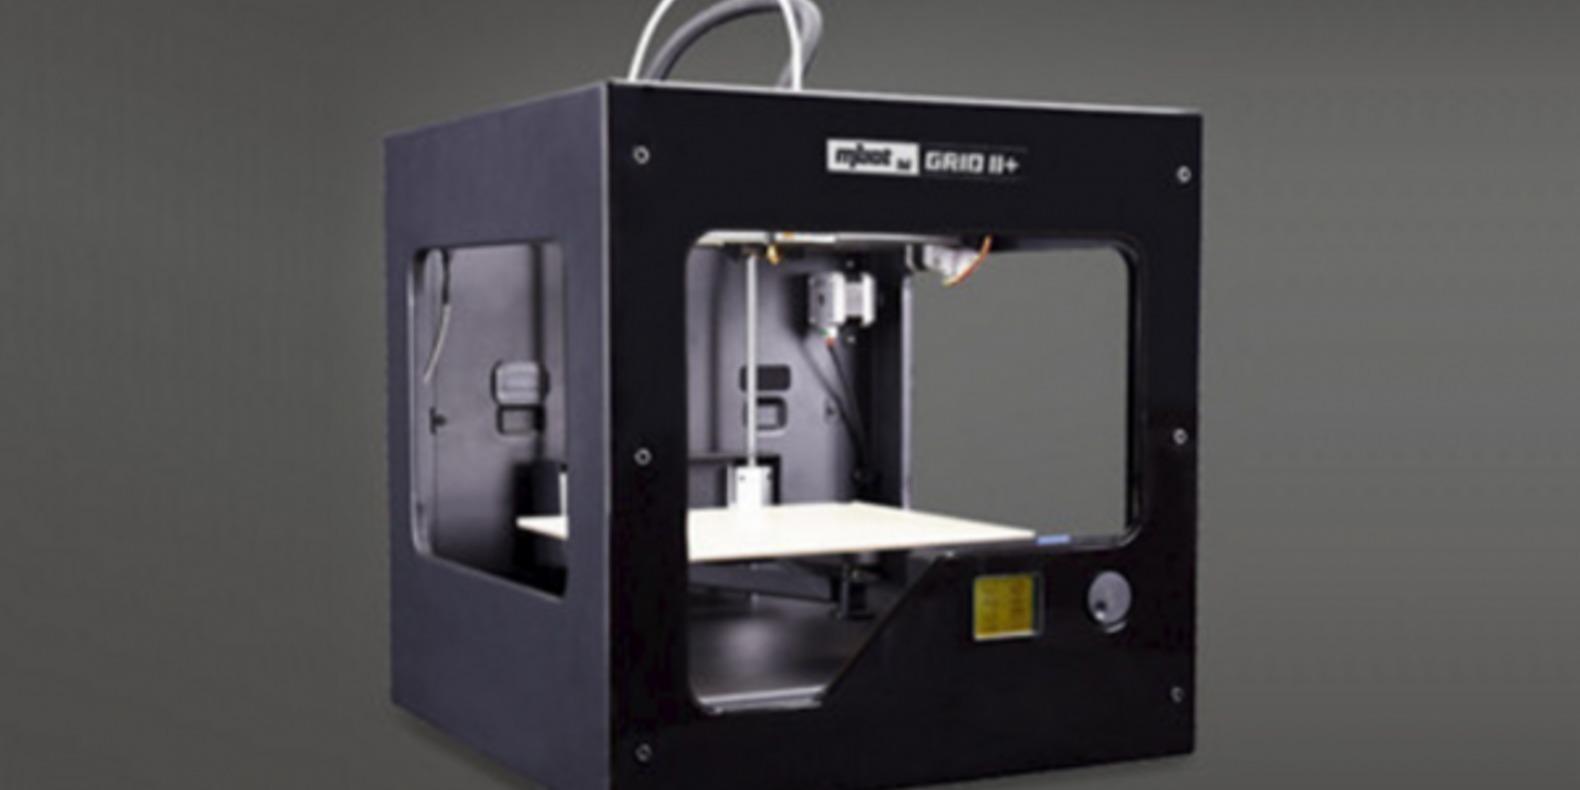 http://fichier3d.fr/wp-content/uploads/2016/02/code-promo-voucher-code-3D-printer-imprimante-3D-réduction-promotion-cheap-cheaper-moins-cher-mbot.png